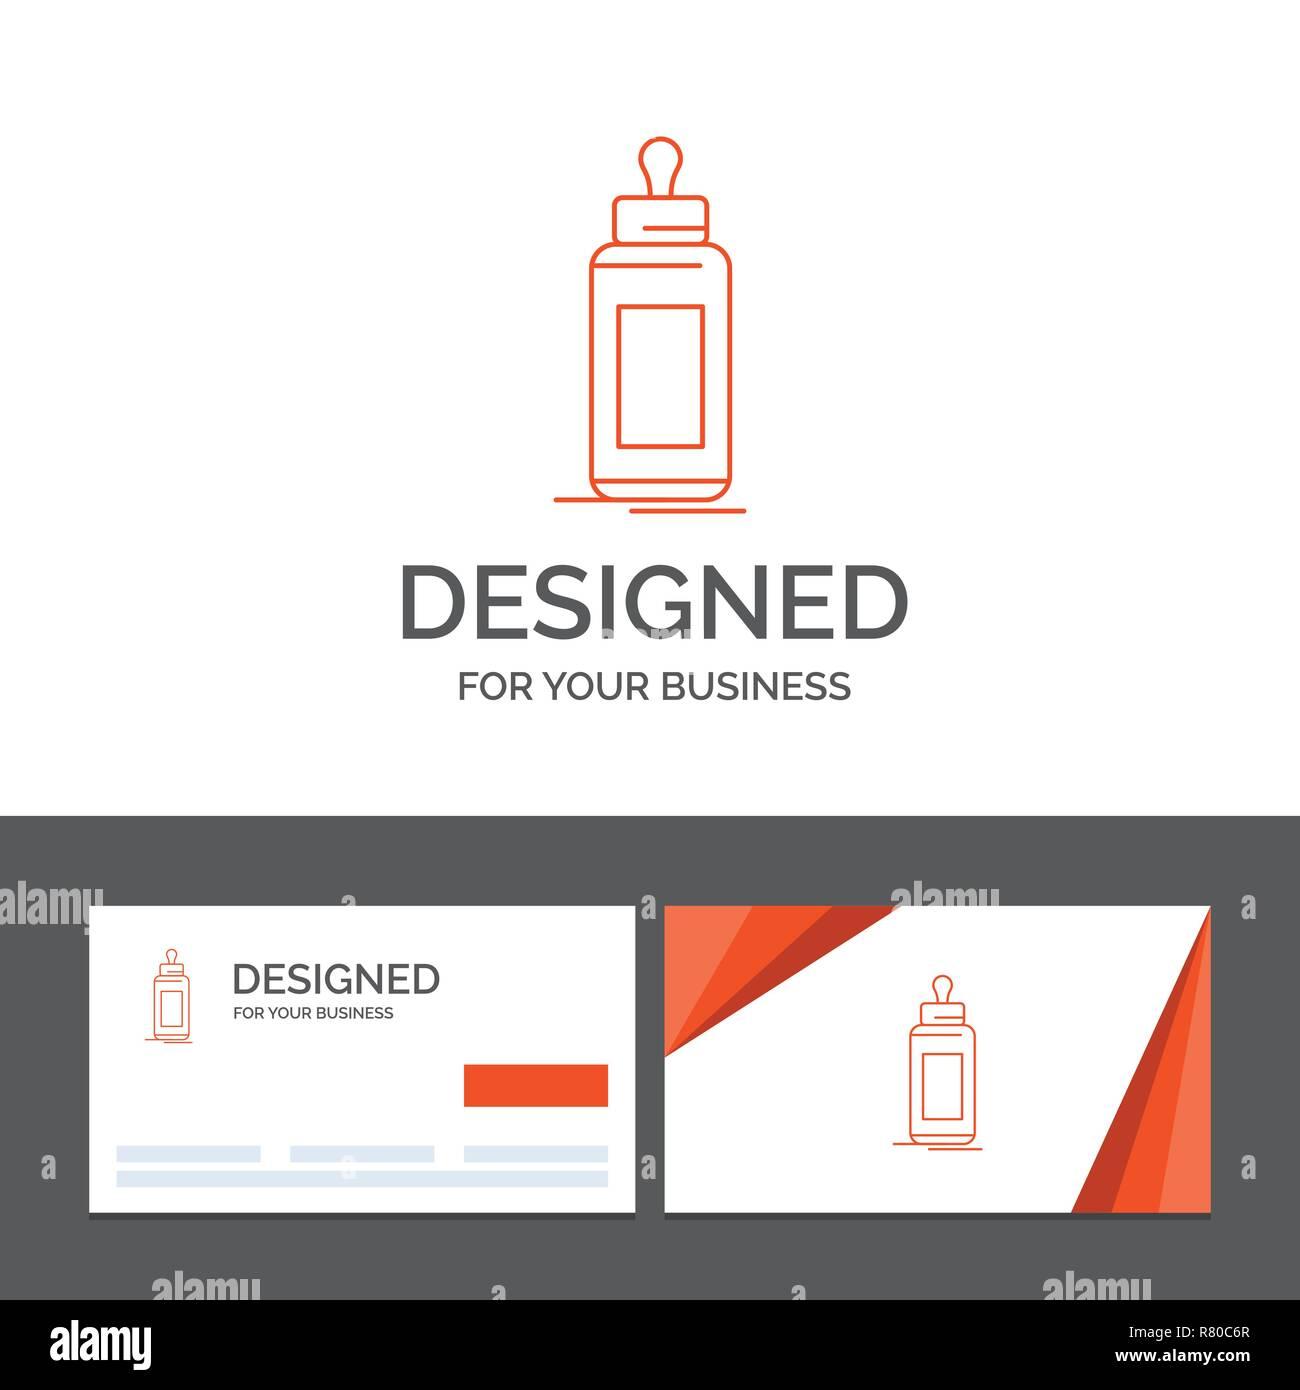 Logo Dentreprise Modele Pour Convoyeur Bouteille Enfant Bebe Lait Cartes De Visite Orange Avec Marque Template